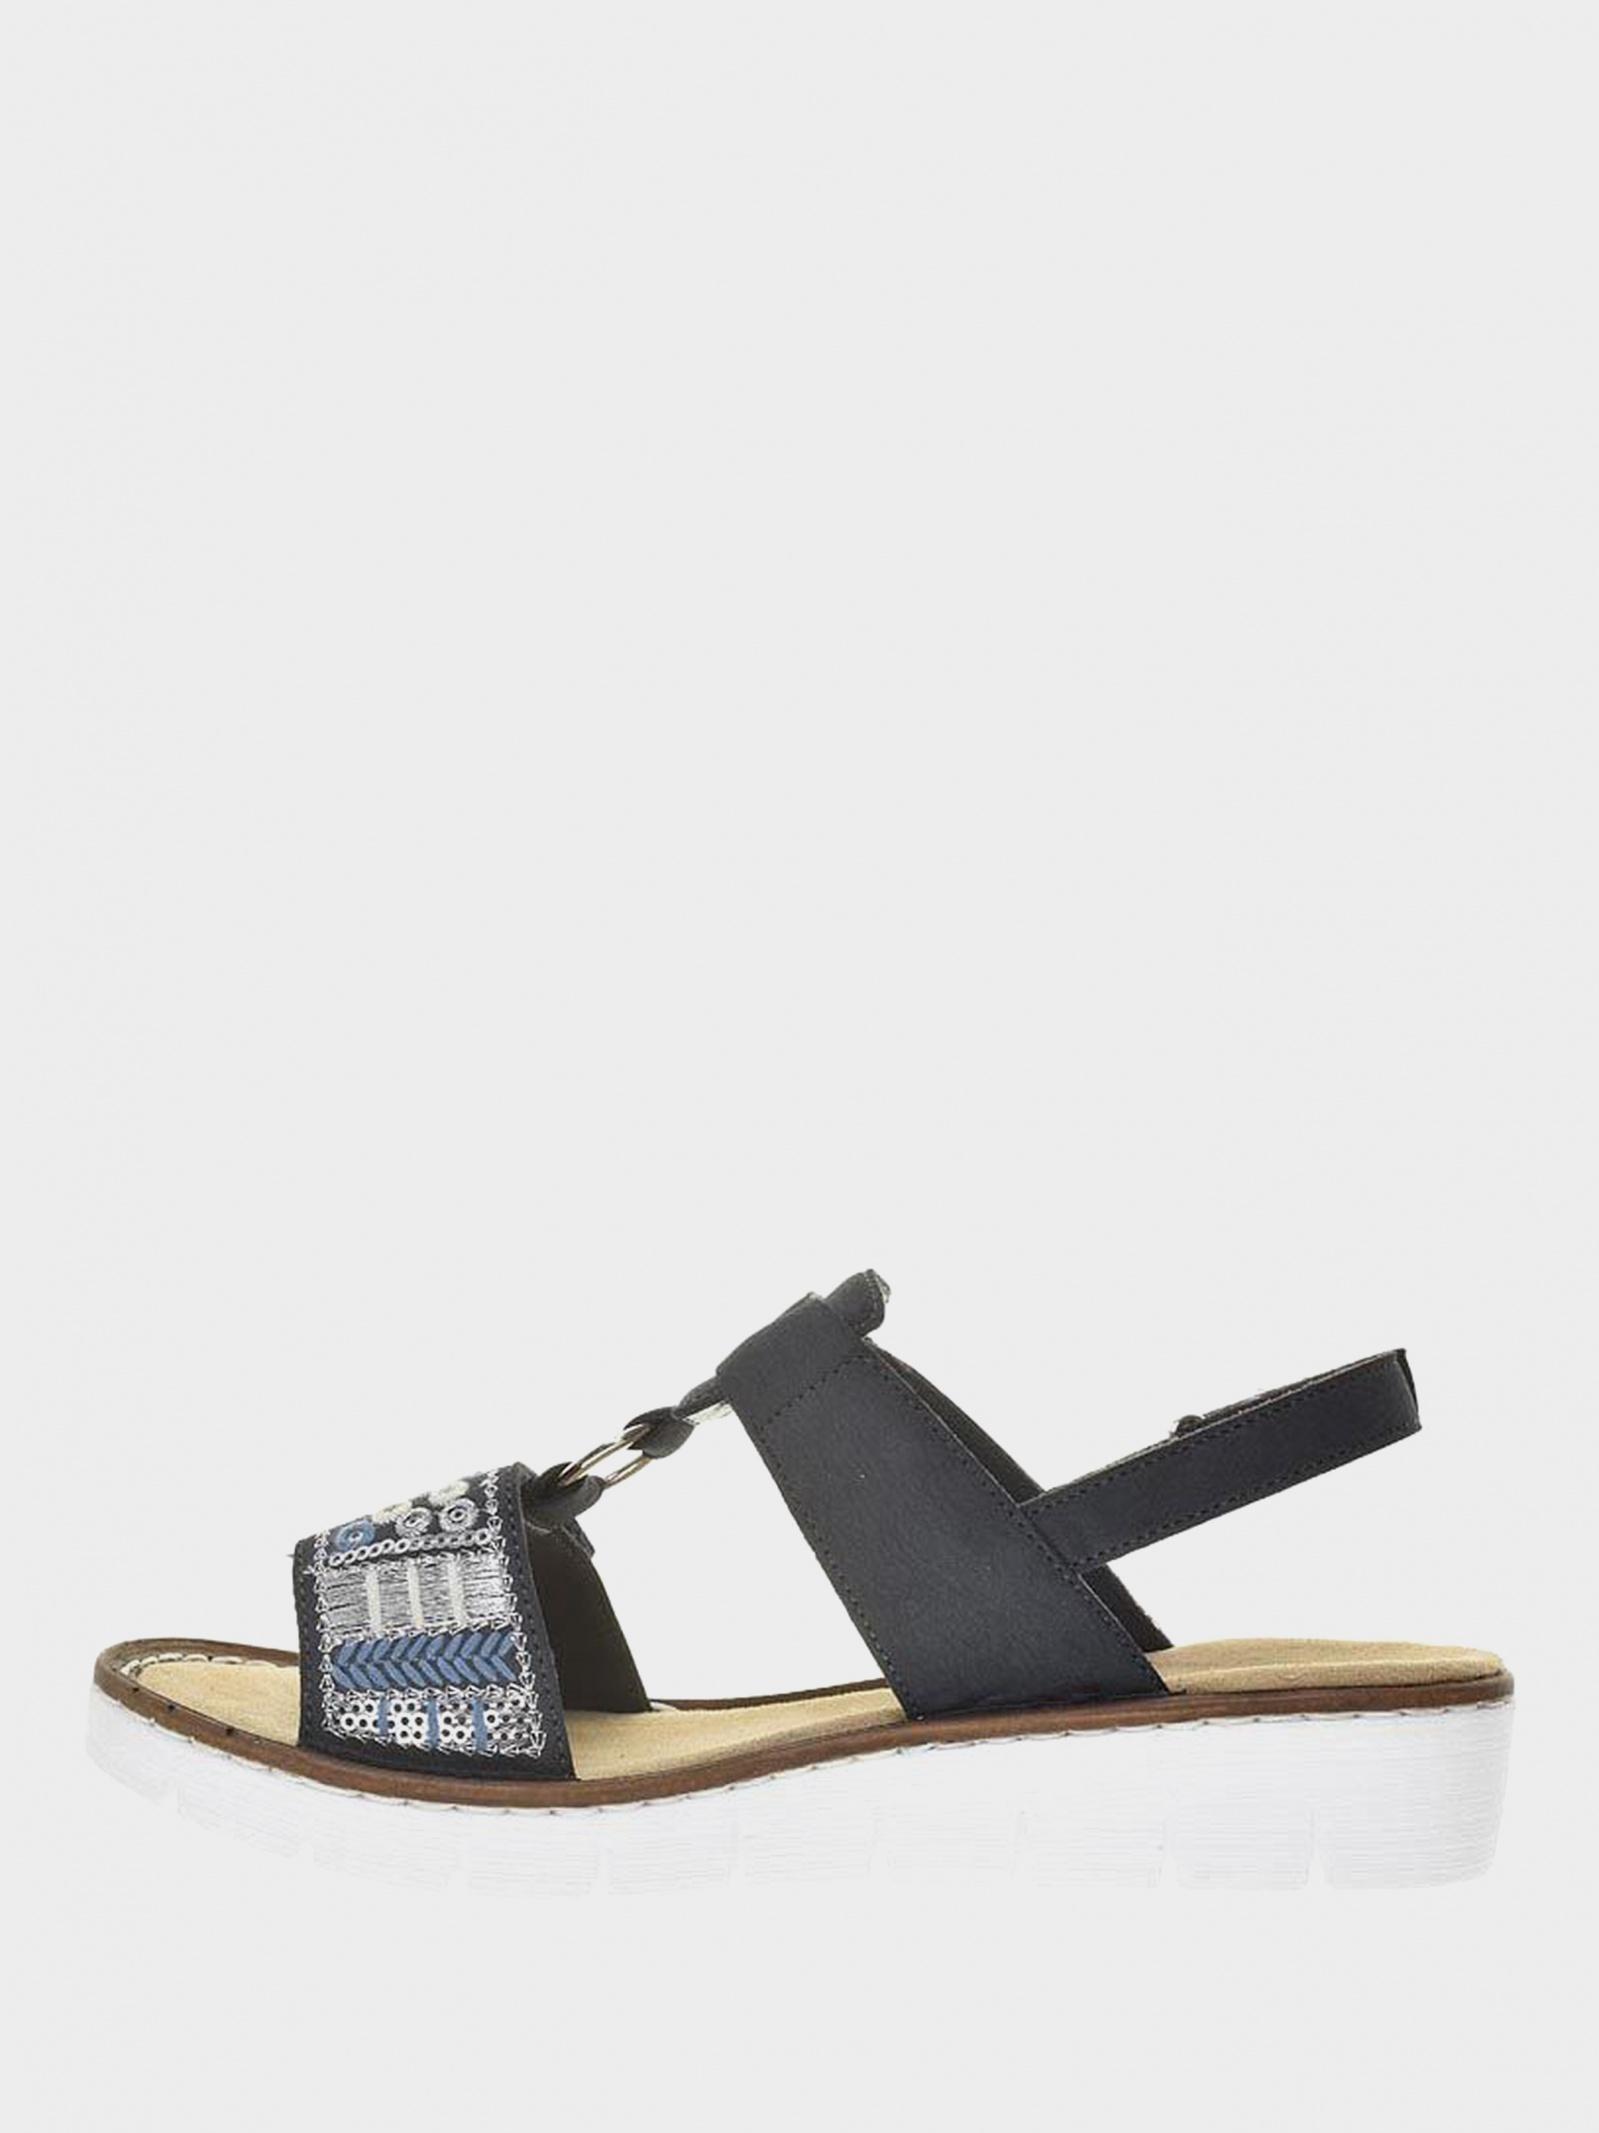 Сандалі  жіночі RIEKER сандалі жін. (36-41) 600D8/14 купити в Iнтертоп, 2017